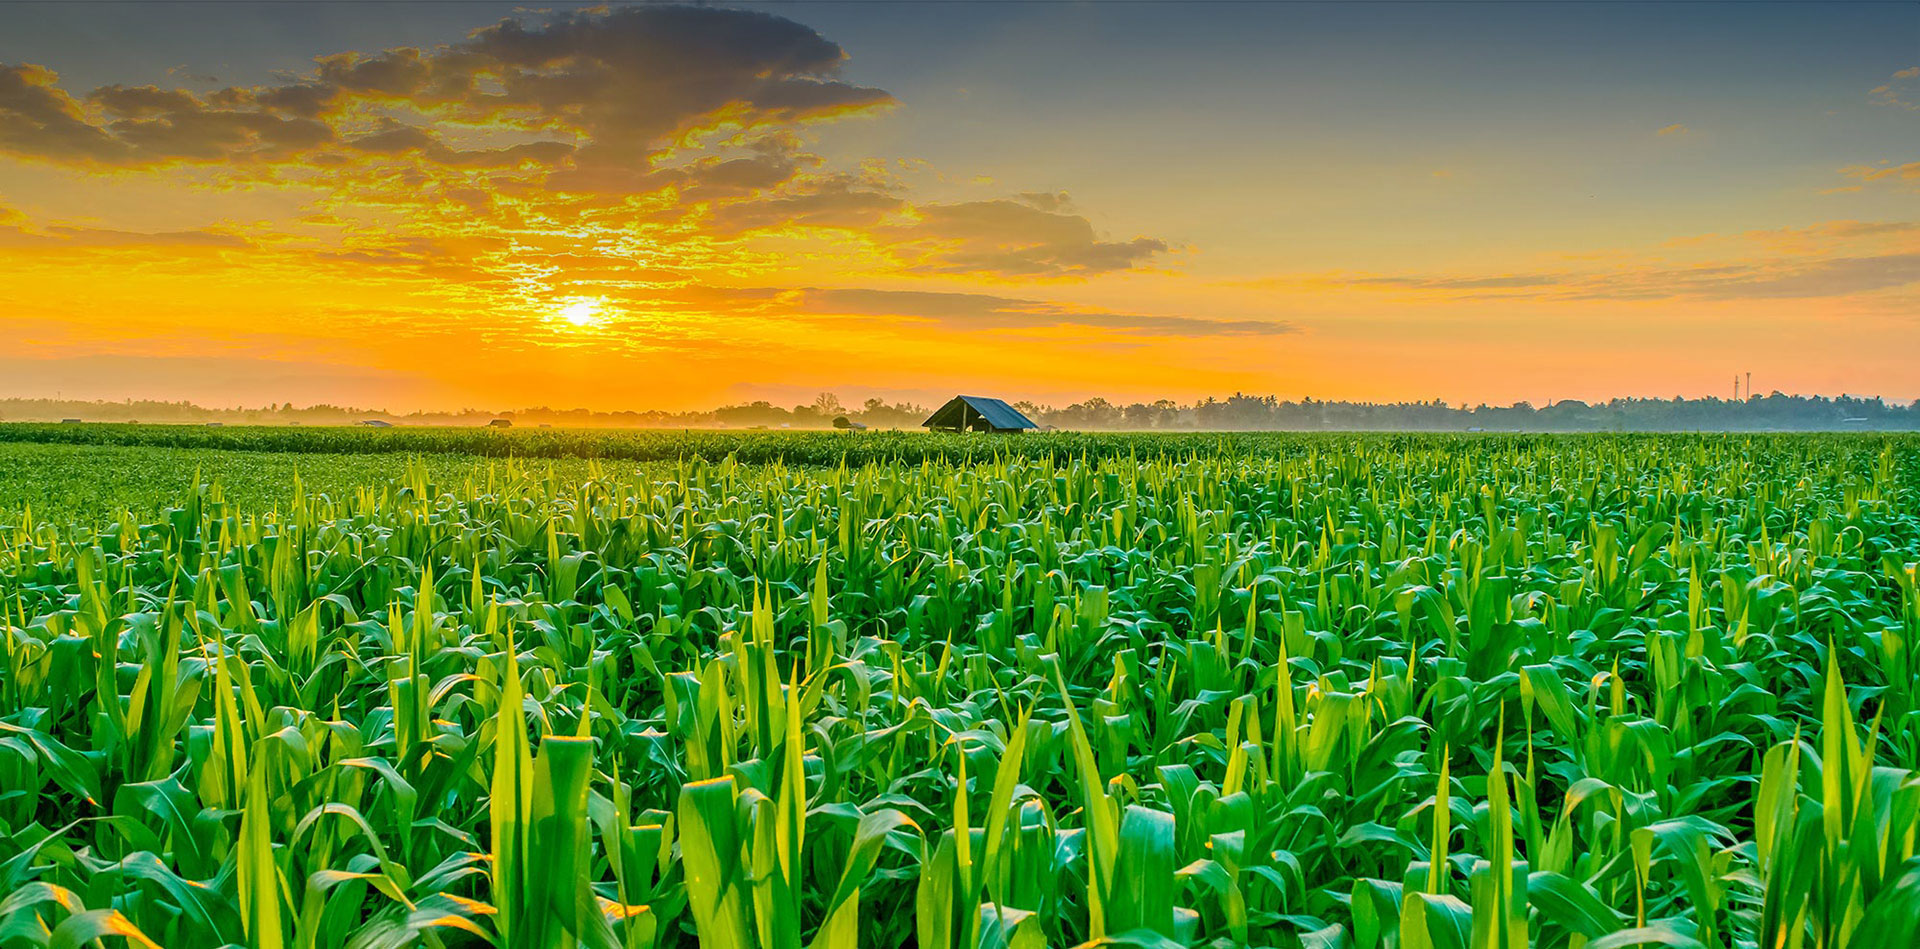 تولید 130 میلیون تن محصول کشاورزی در سال 99